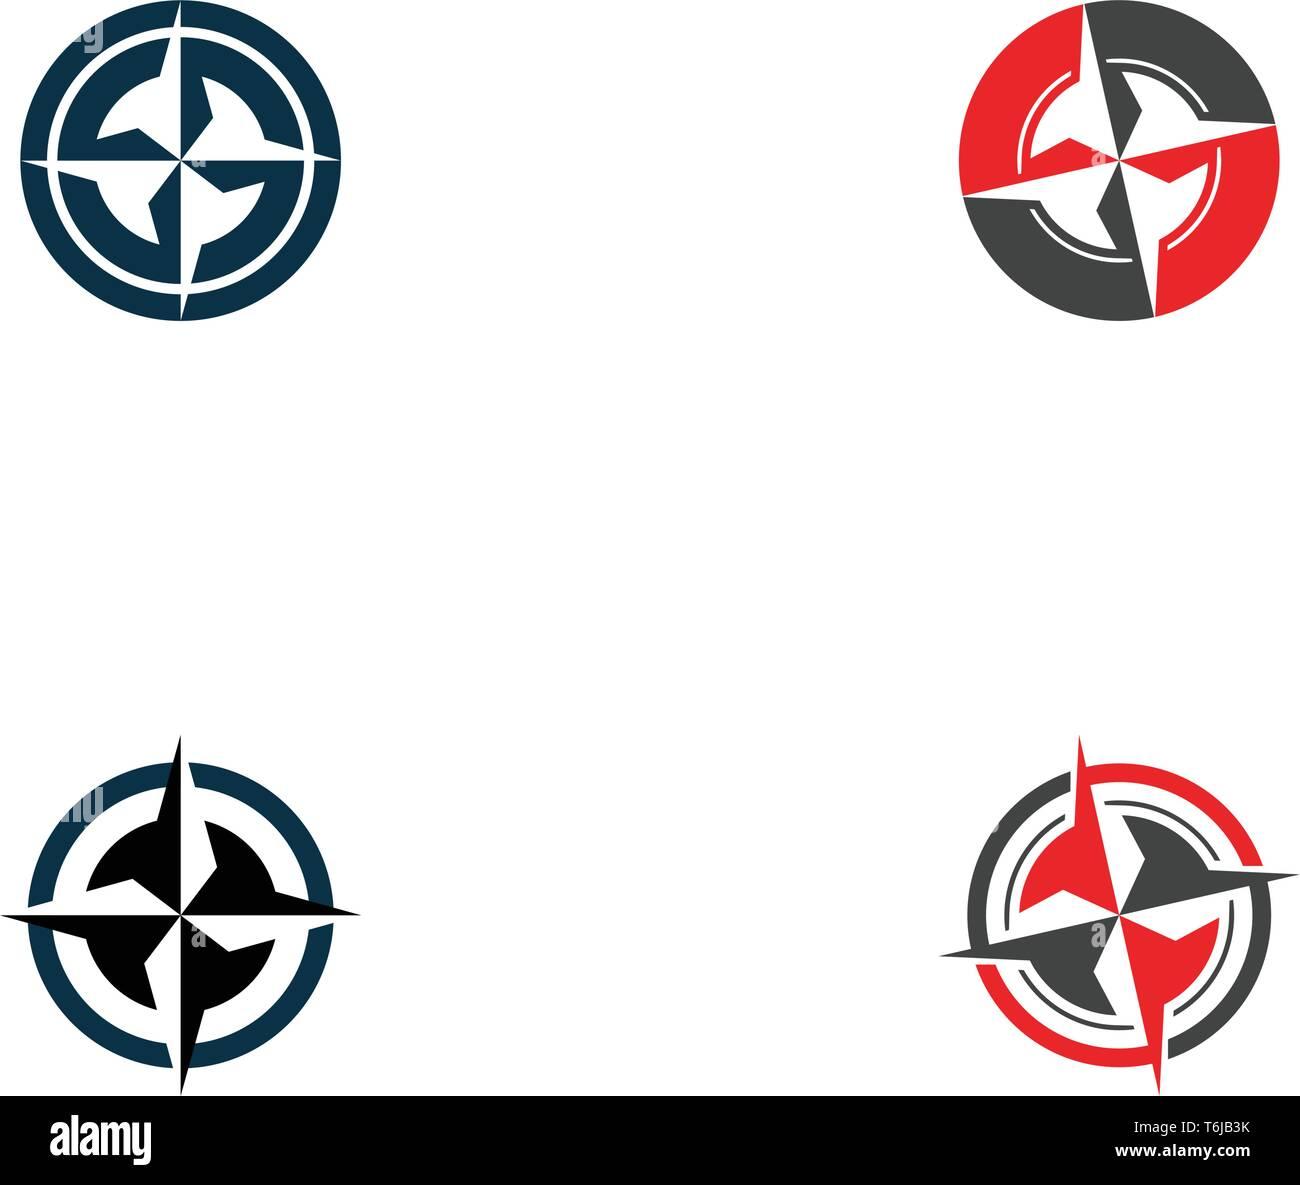 Compass logo template icon vector image - Stock Vector